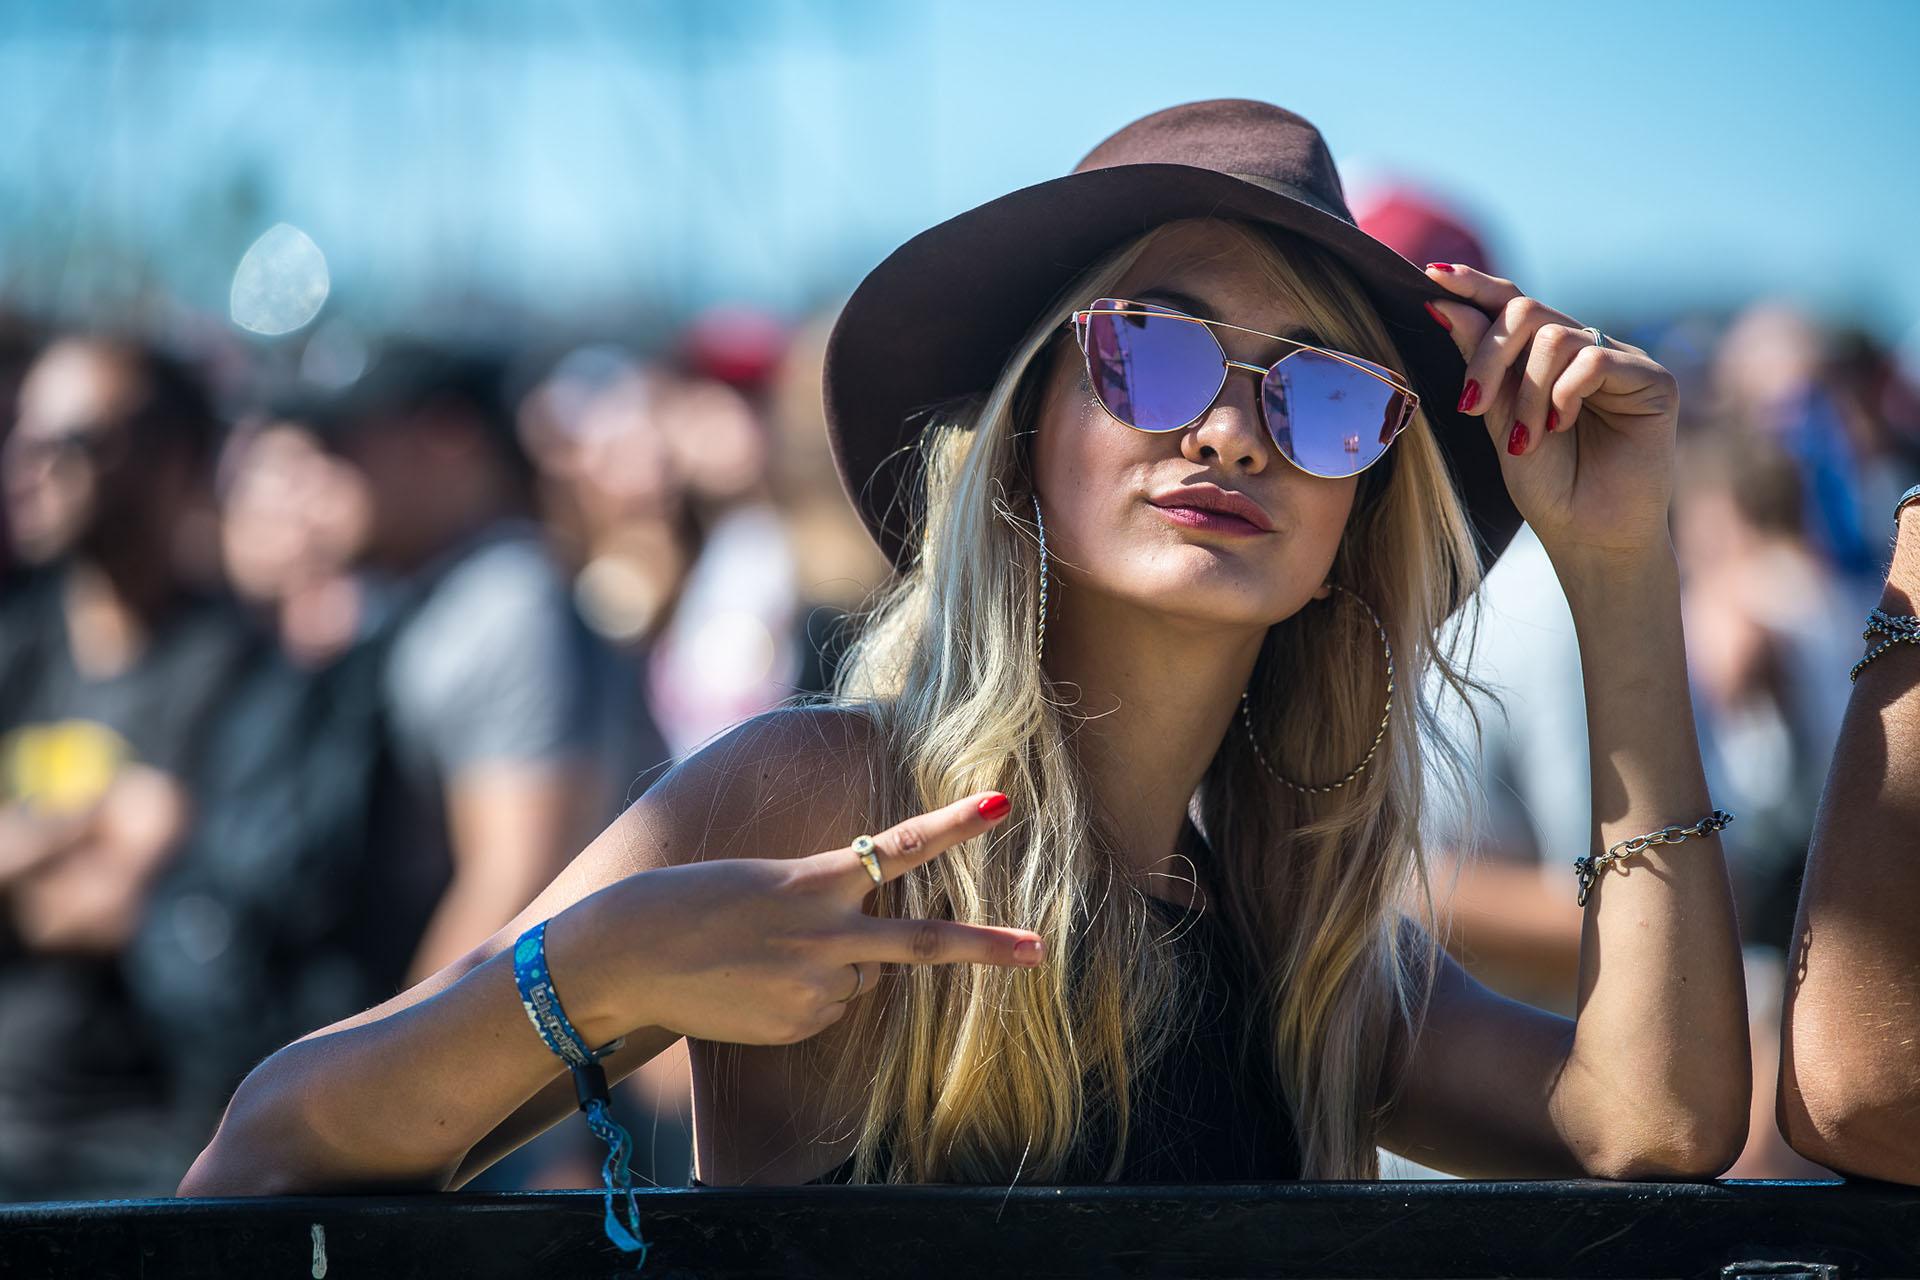 Imágenes del Lollapalooza 2018